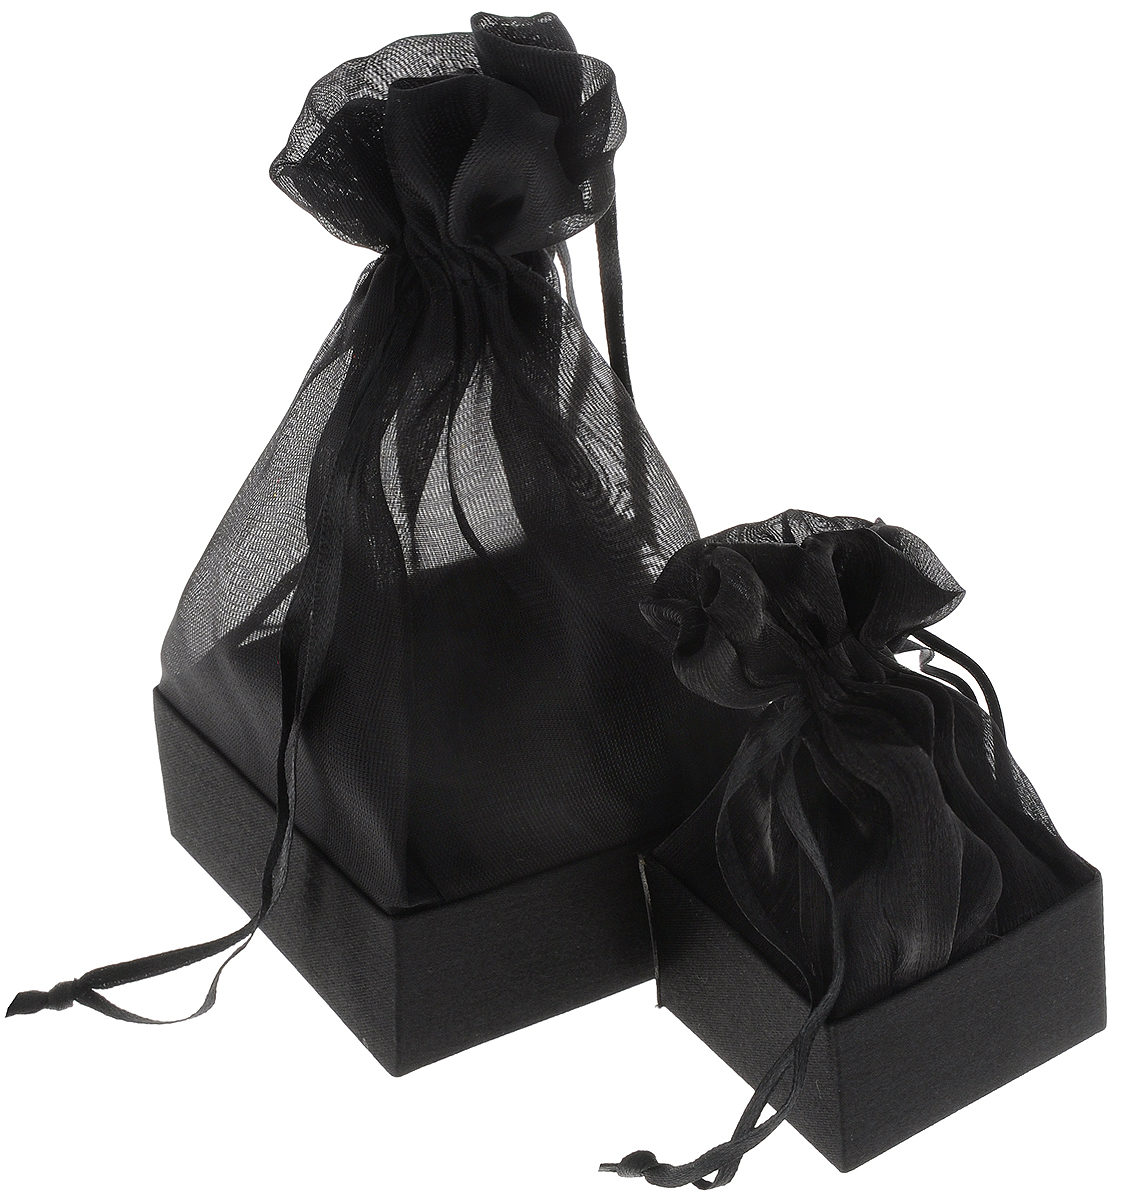 Коробочка для подарка Piovaccari Тиффани, цвет: черный, 7,5 х 7,5 х 16,61898P 19Коробочка для подарка ТИФФАНИ 7,5 х 7,5 х 16 см, PiovaccariPiovaccari Тиффани станет одним из самых оригинальных вариантов упаковки для подарка. Яркий дизайн будет долго напоминать владельцу о трогательных моментах получения подарка.